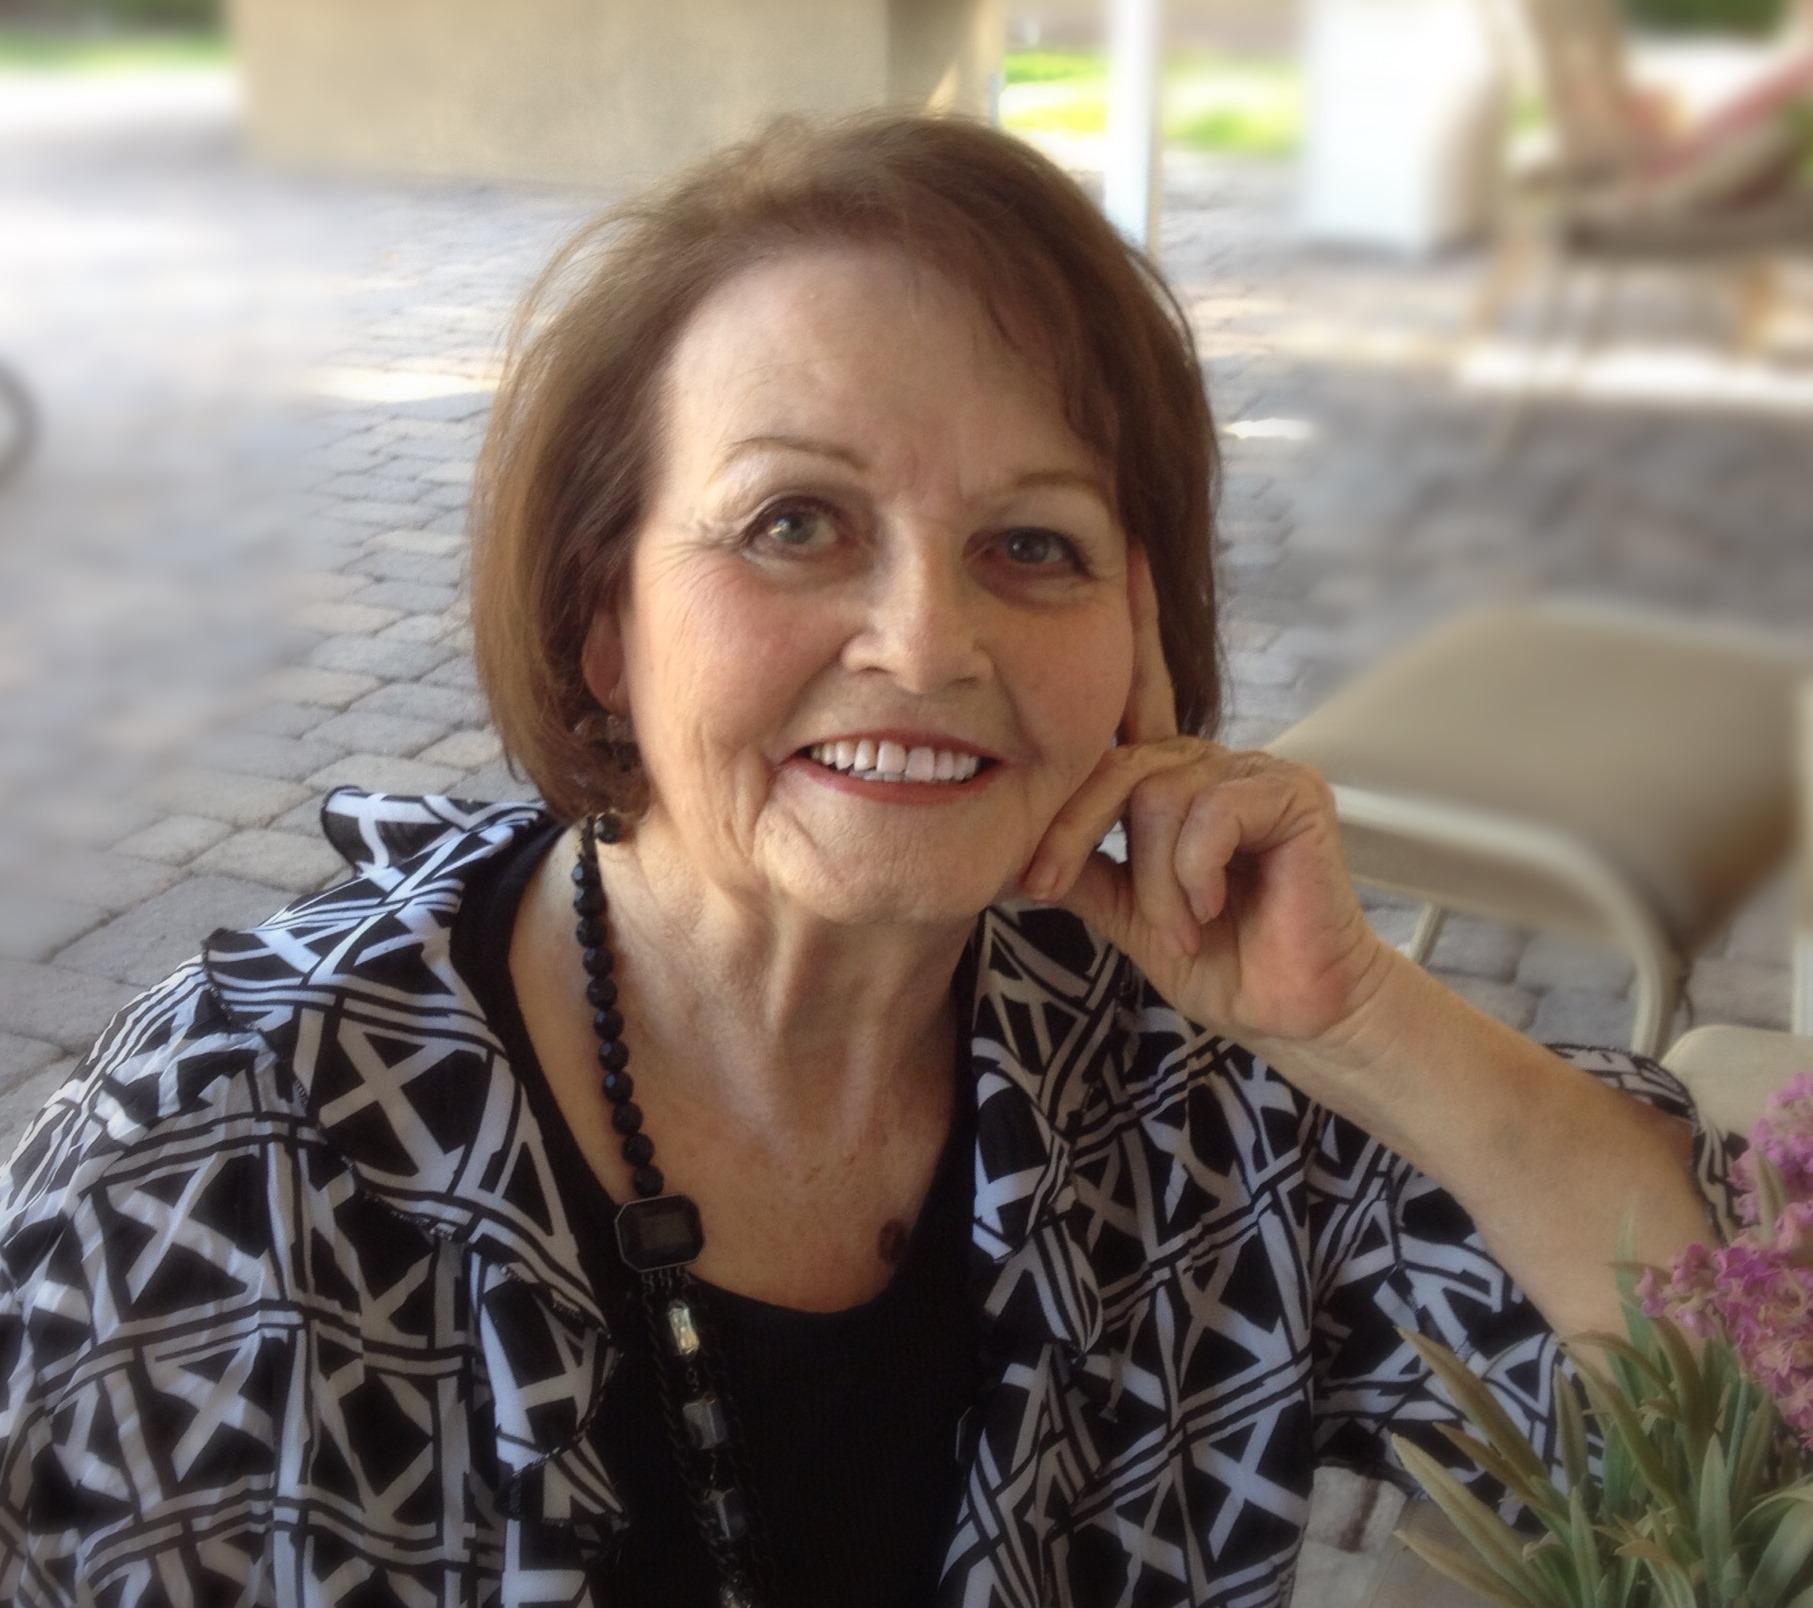 Margie Luneil Johnson